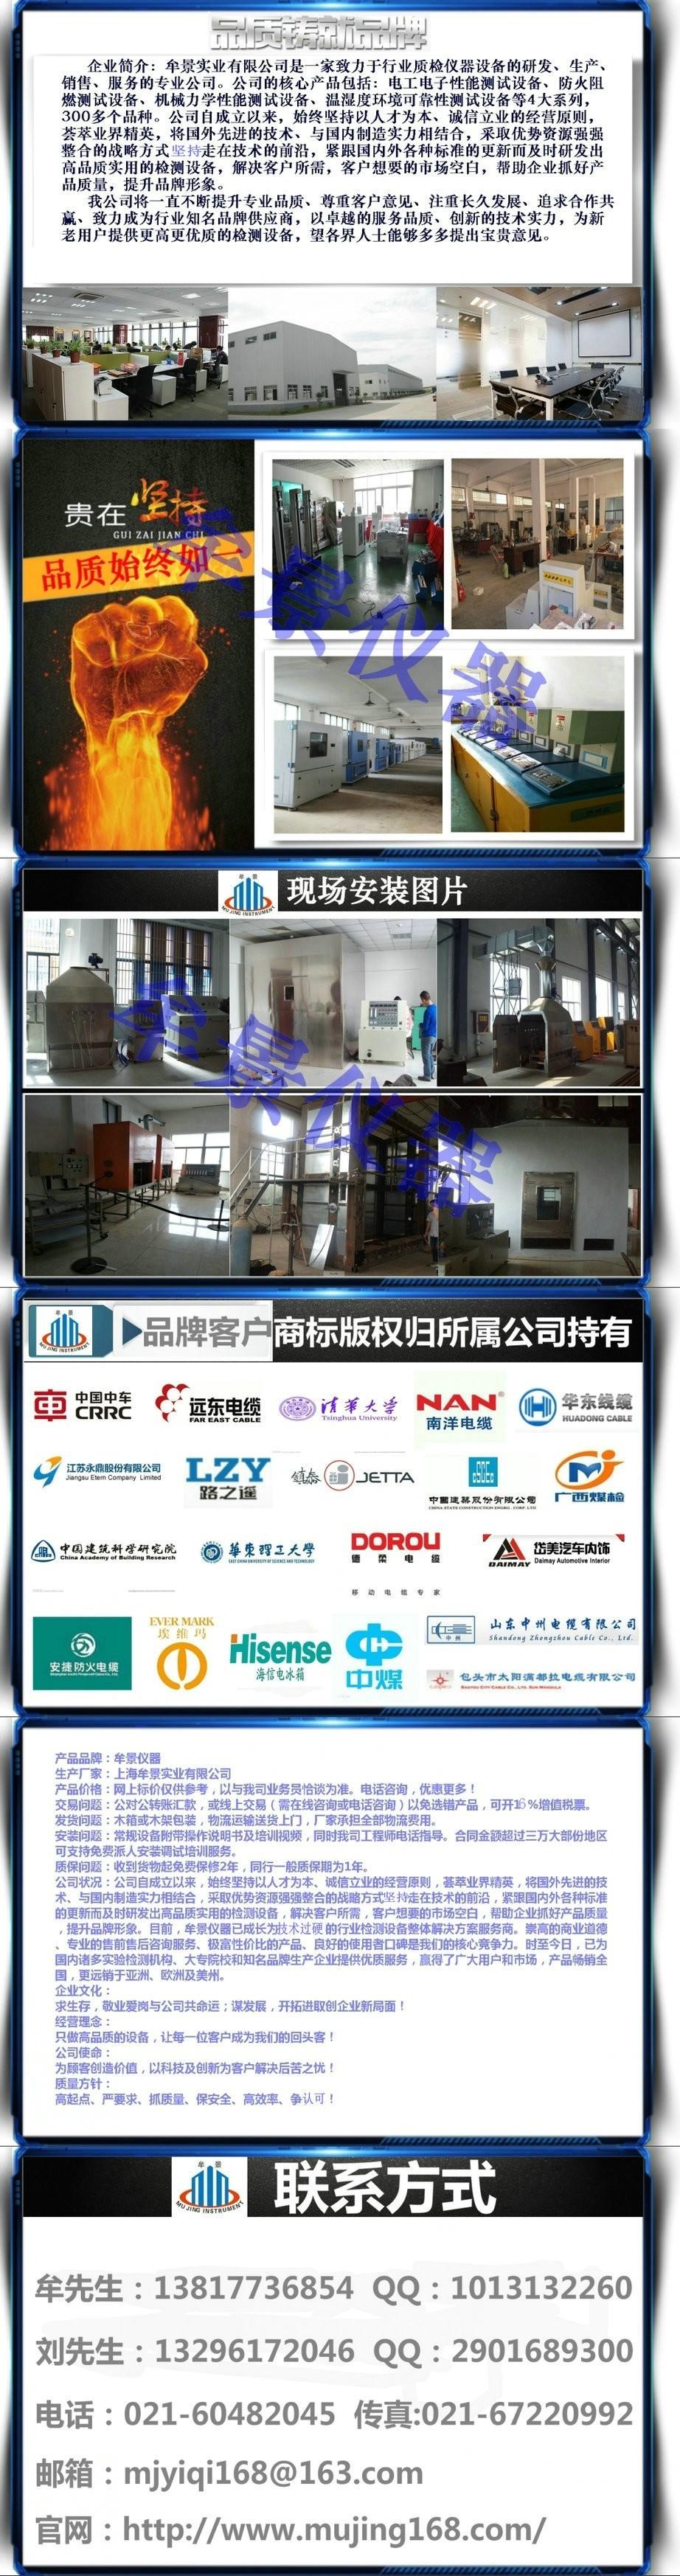 上海牟景实业贴心为您服务:021-60482045